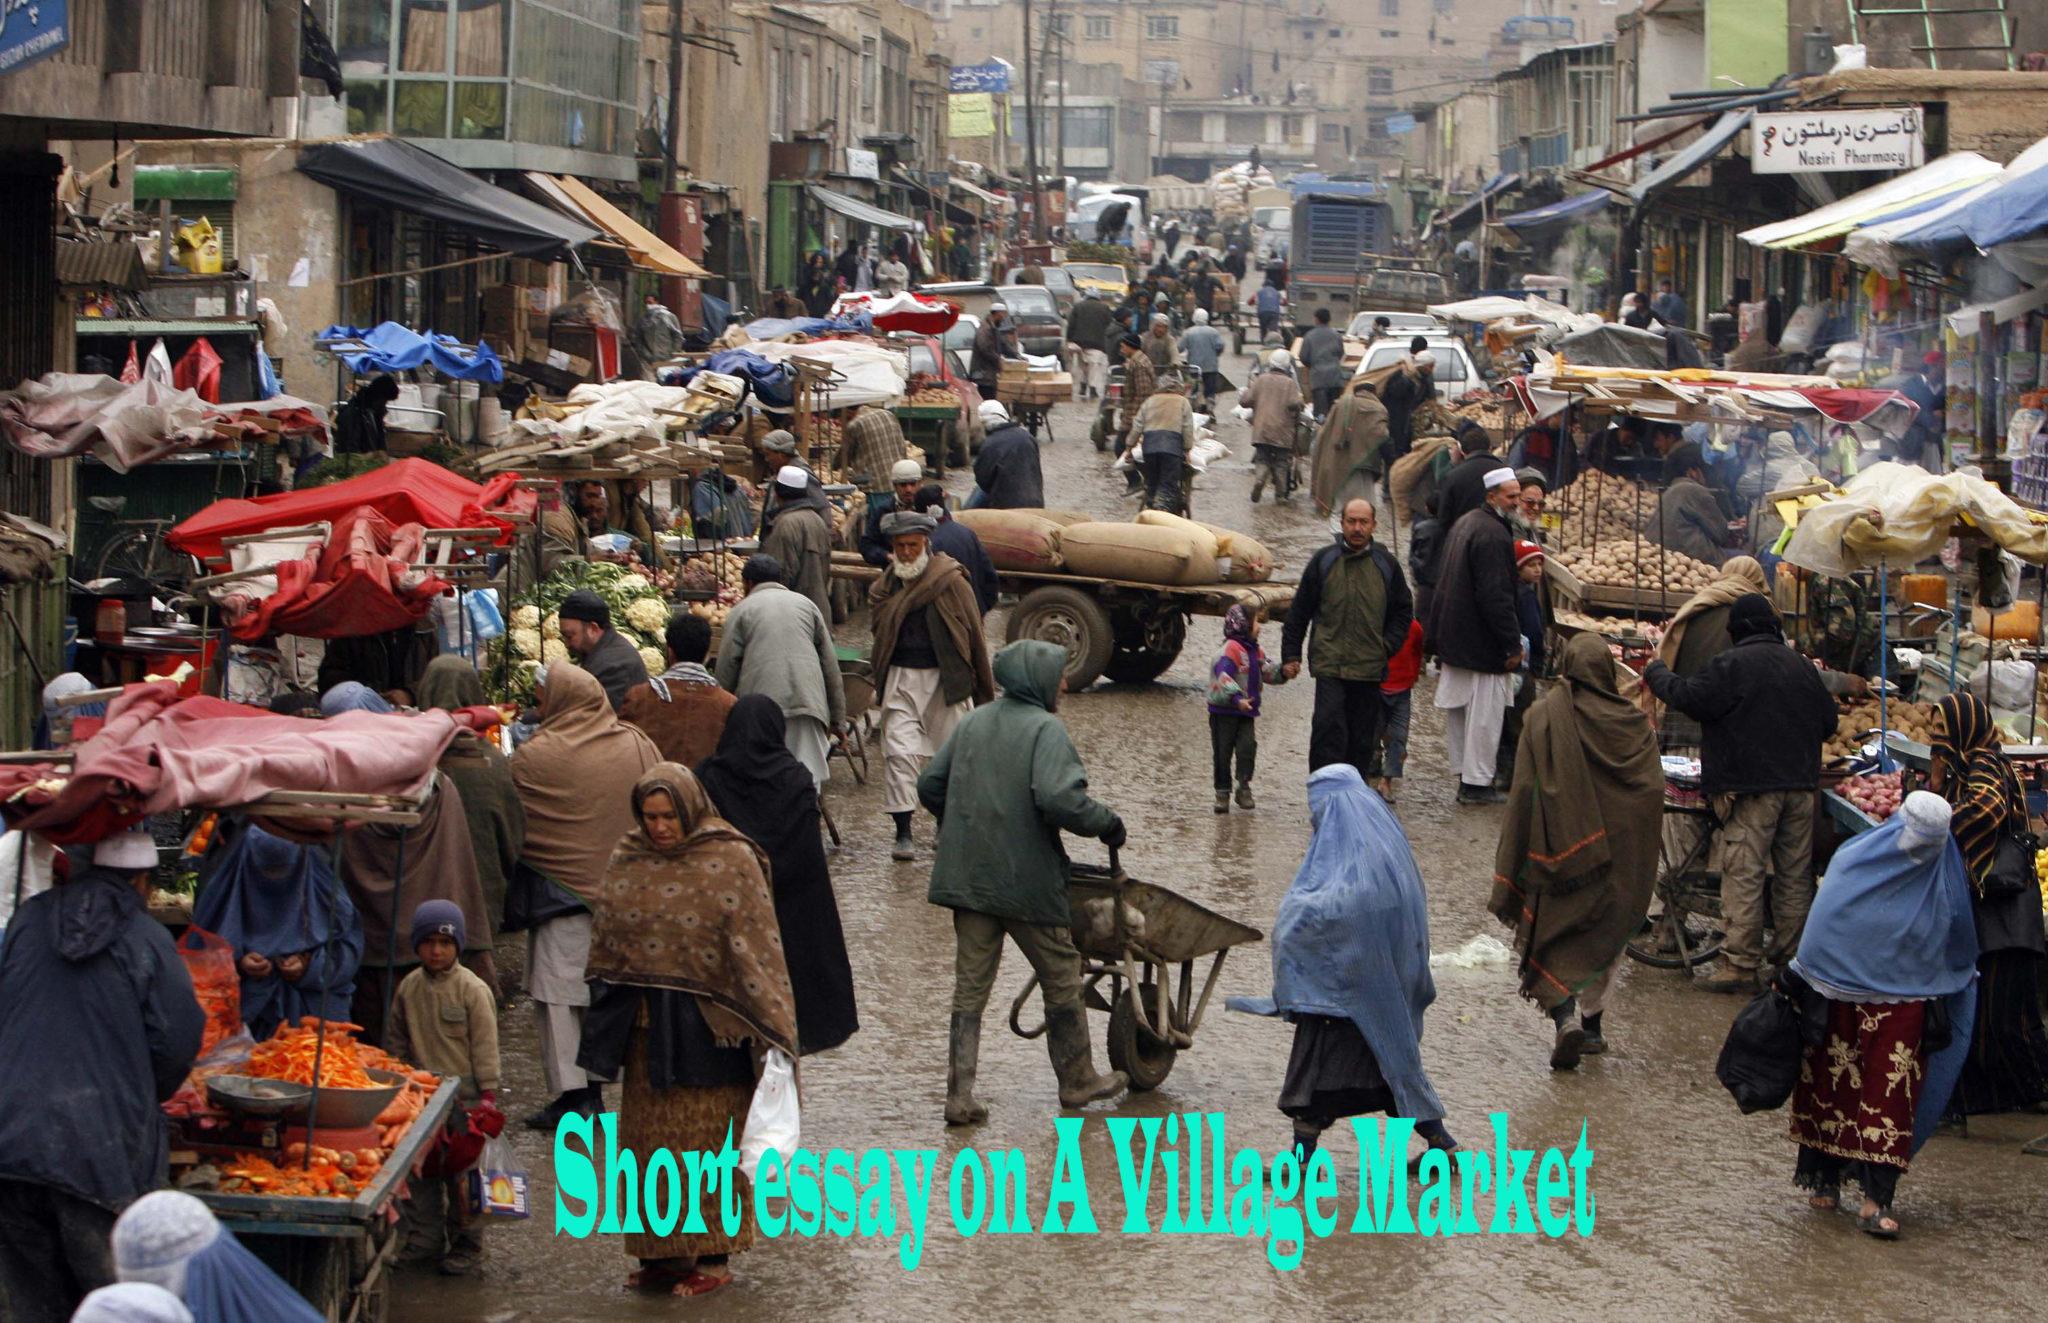 Short essay on A Village Market